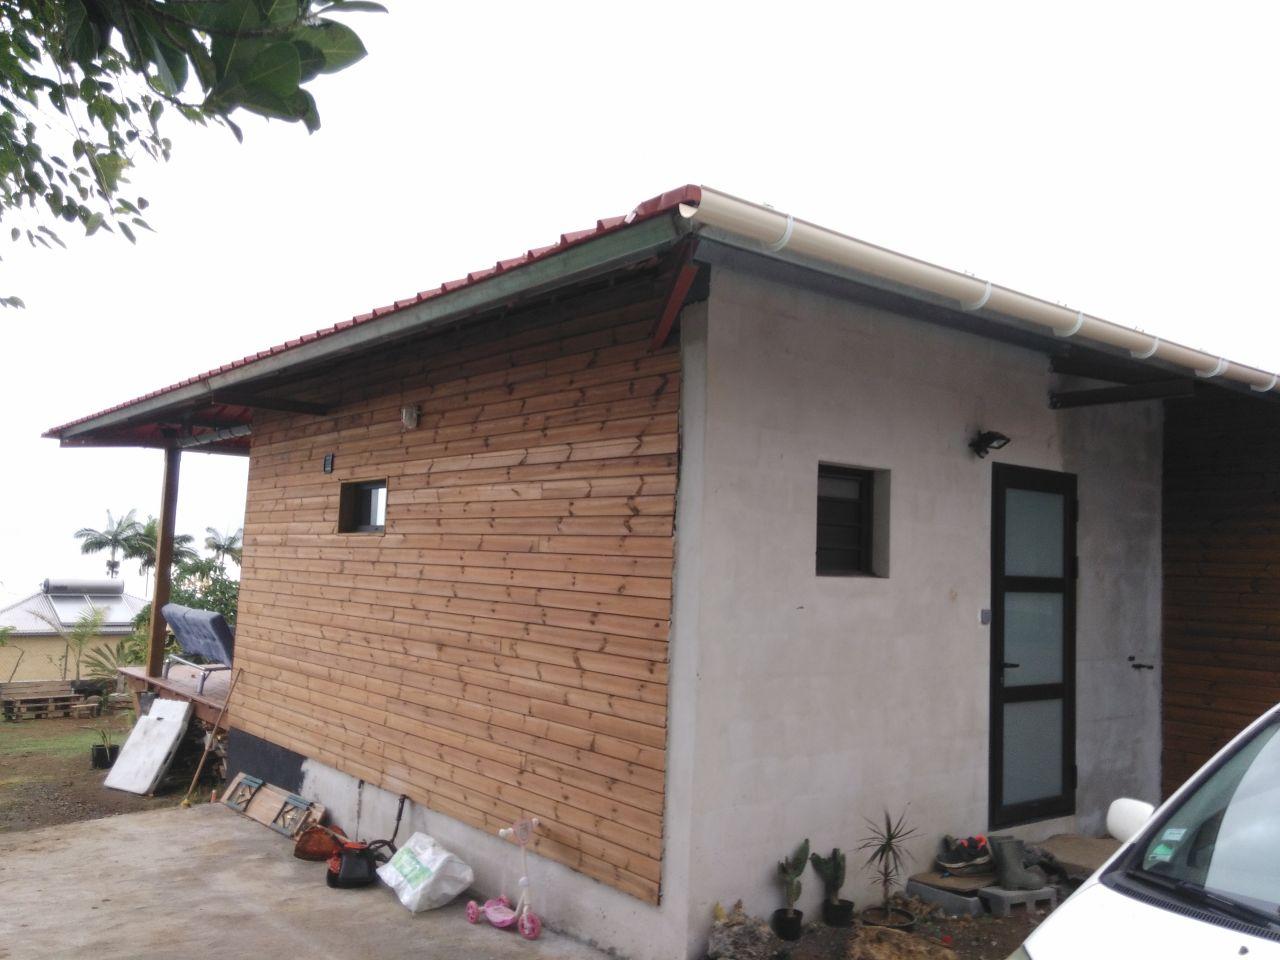 Charpente toiture termin e petite maison l 39 ile de la for Constructeur maison contemporaine 974